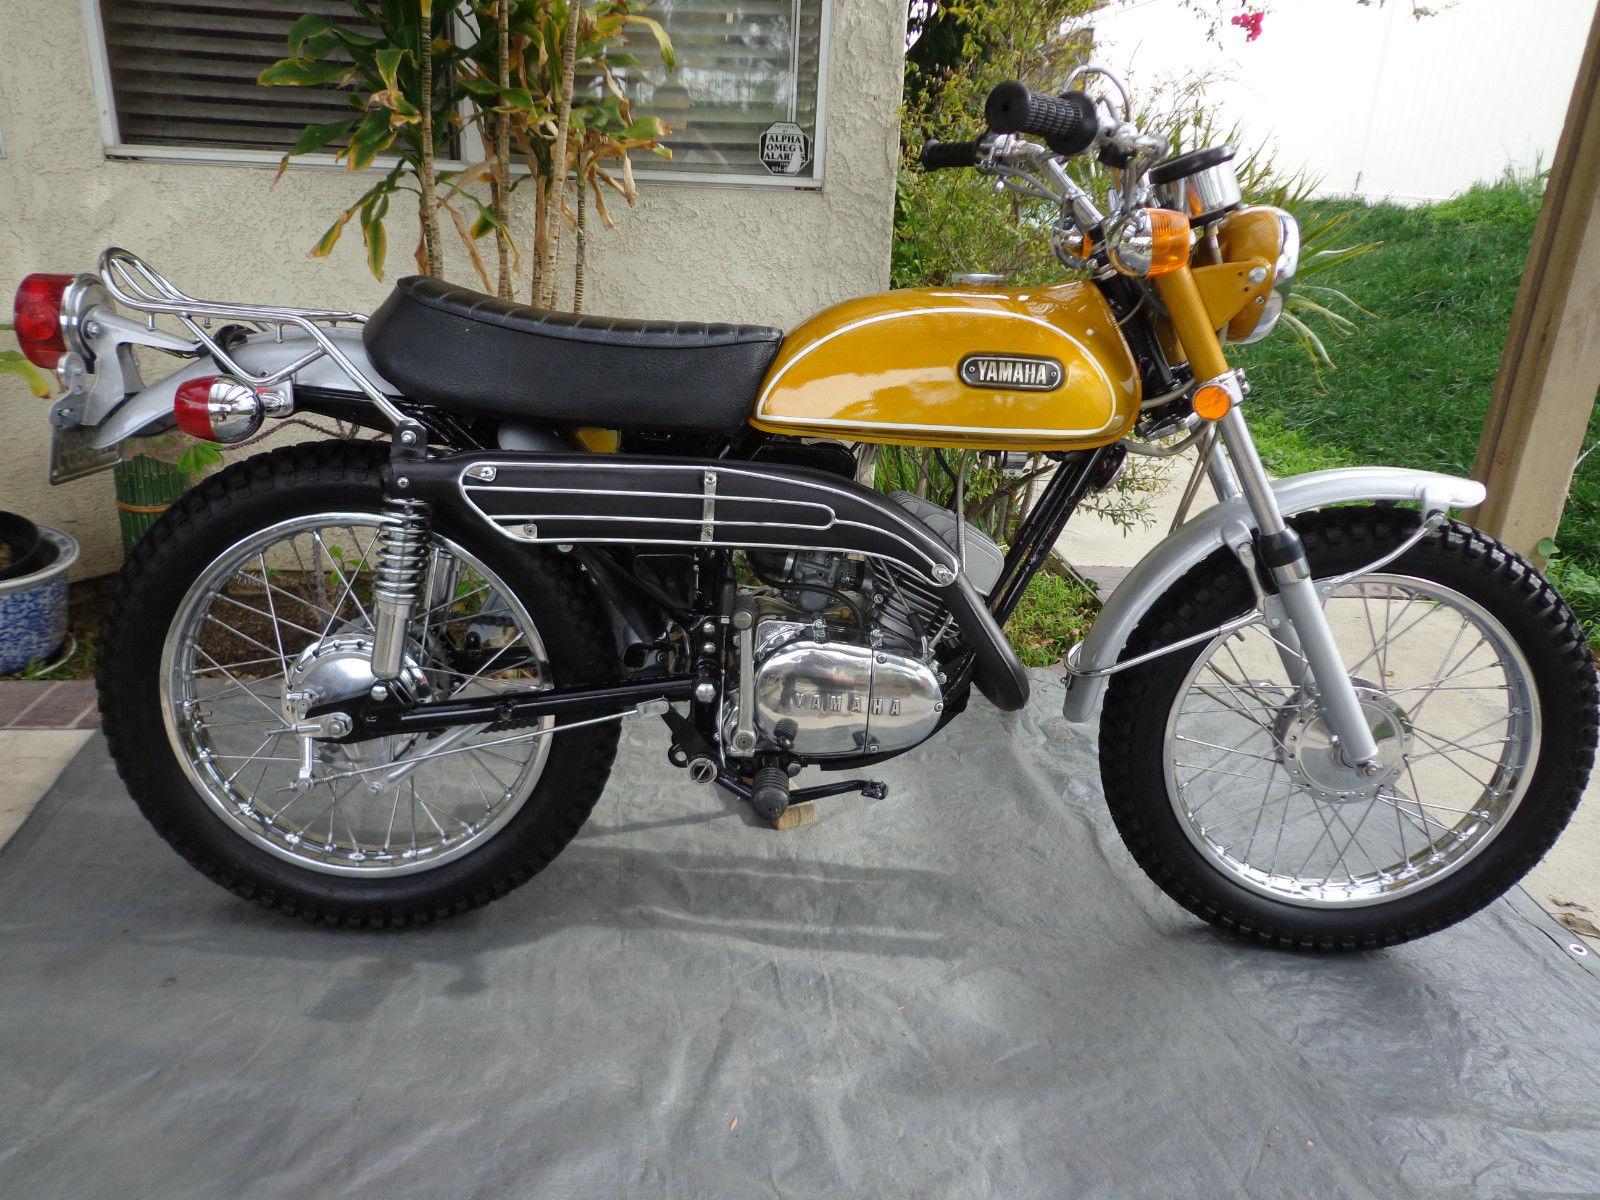 1971 Yamaha Ct1 Wiring Diagram Diagrams Engine 175 34 1974 Enduro Motorcycles